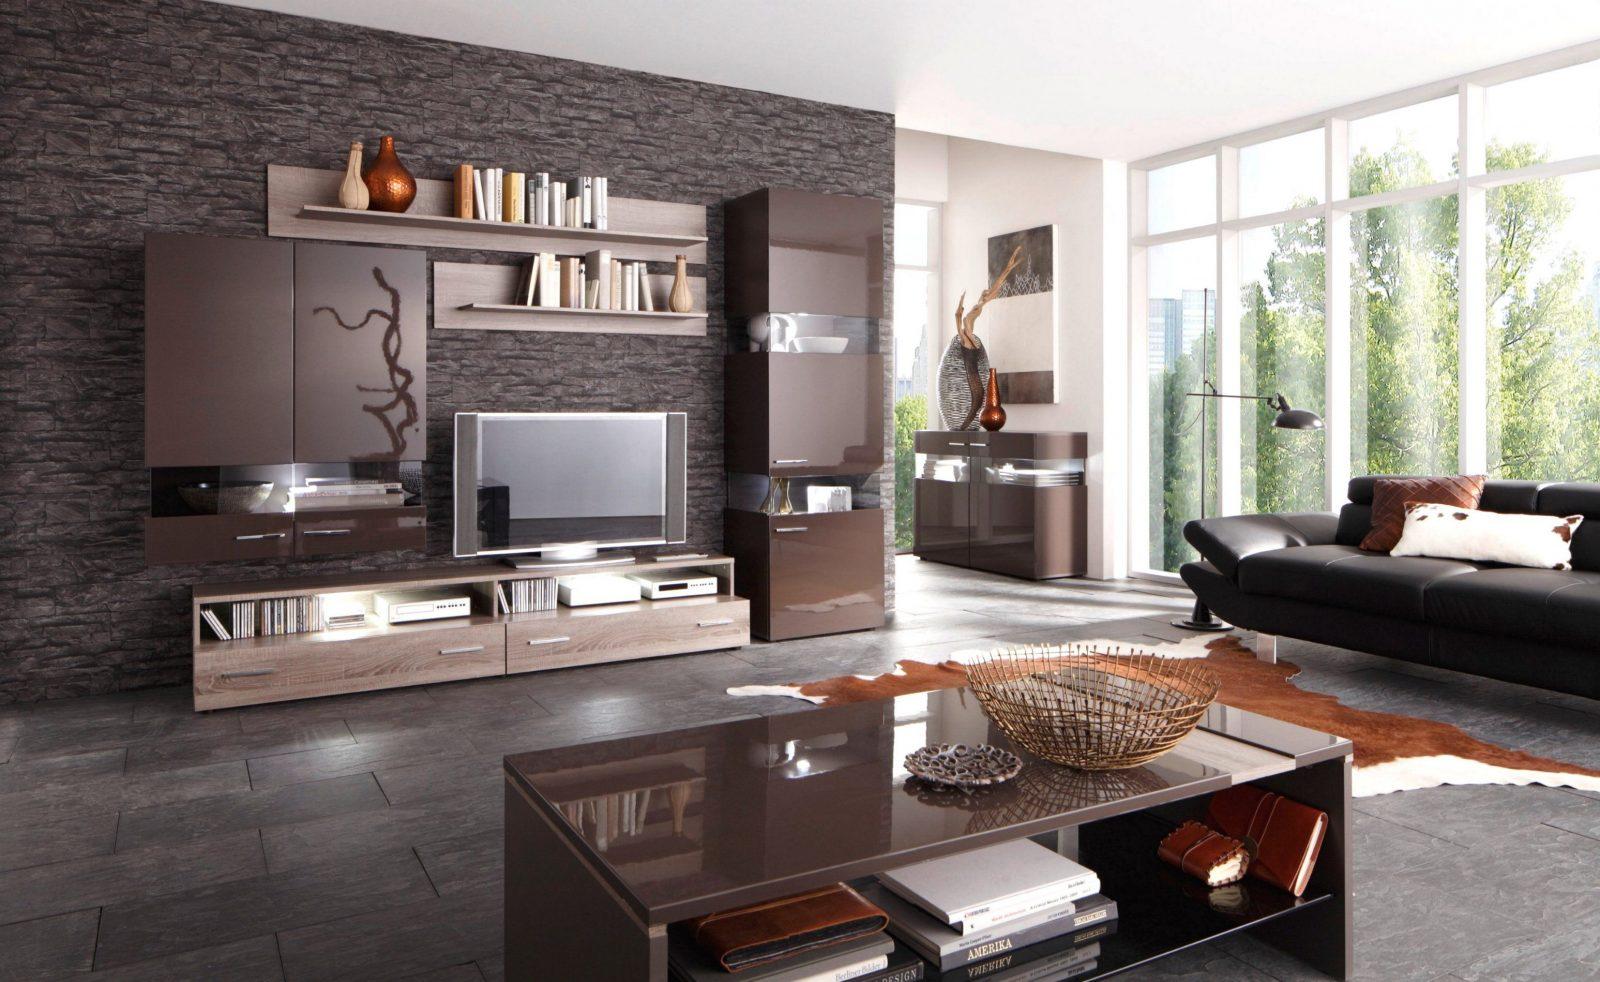 Software Wohnung Einrichten Mit Kostlich Kleine Optimal Hip Auf von Wohnung Einrichten Programm Kostenlos Bild